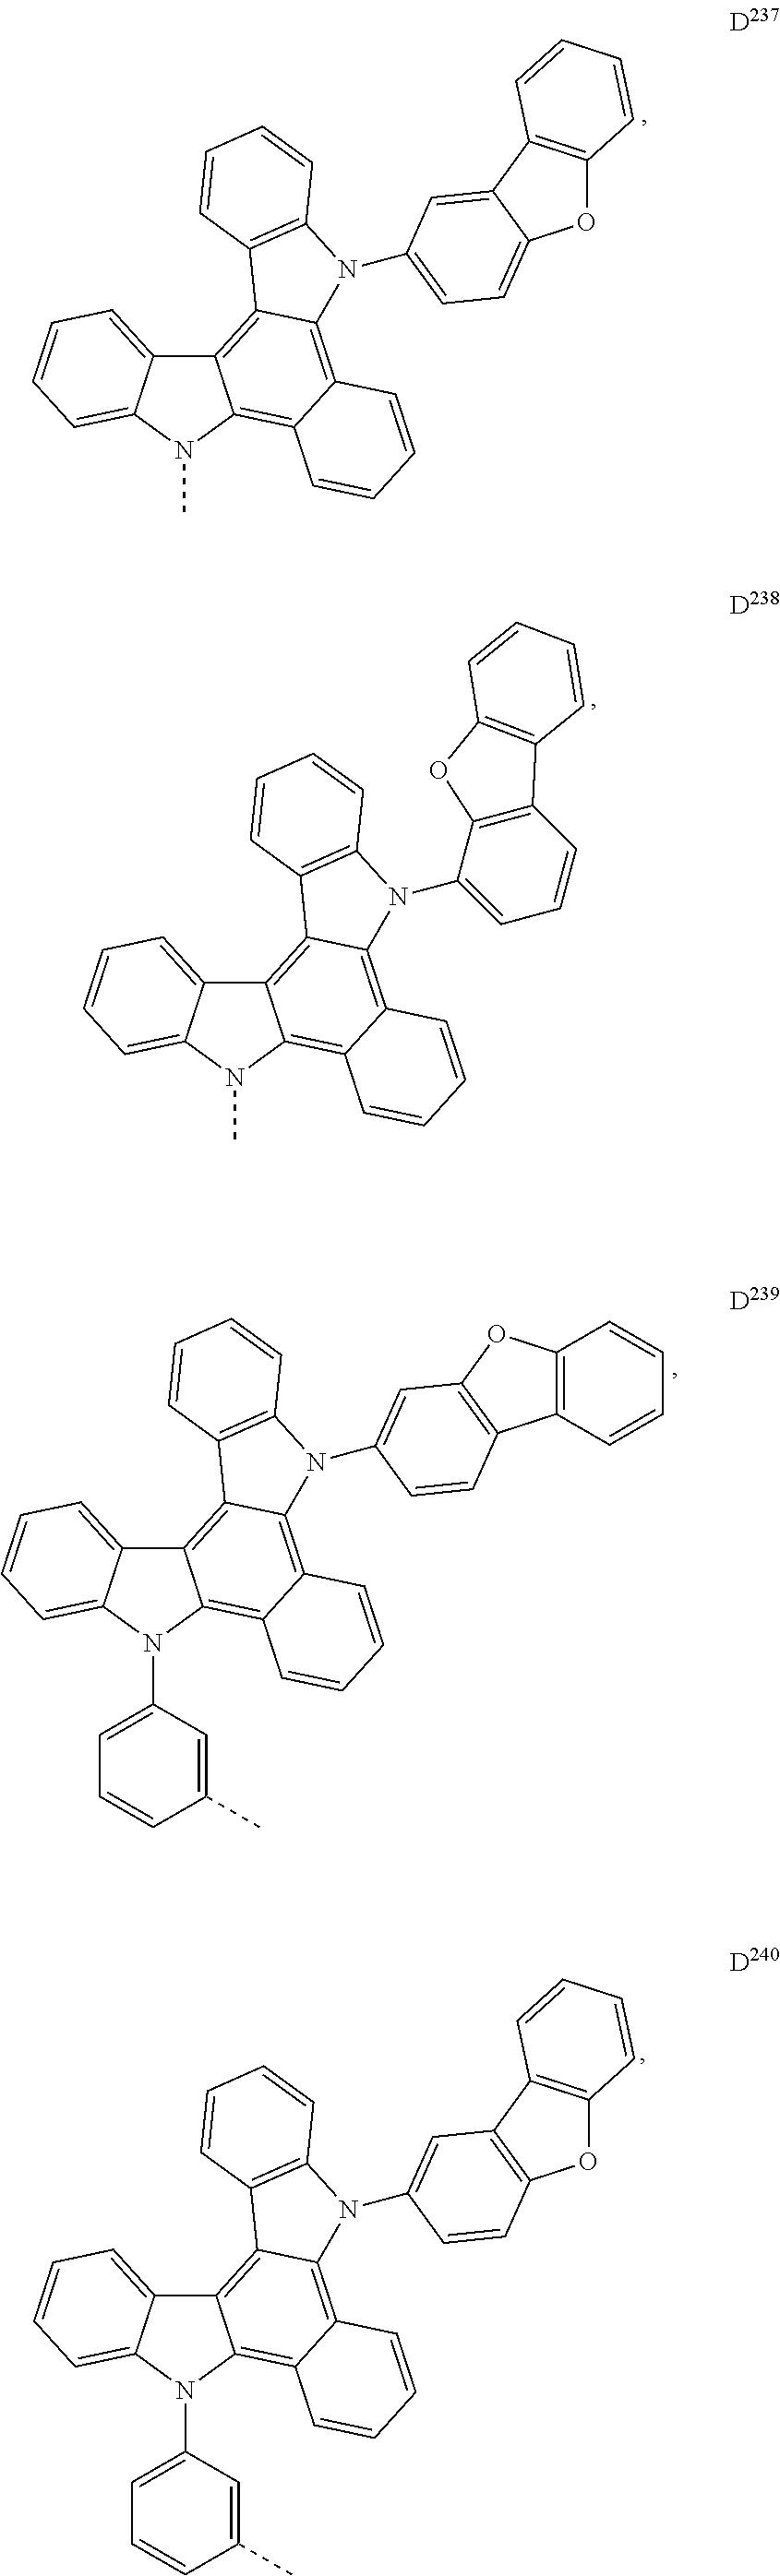 Figure US20170033295A1-20170202-C00087